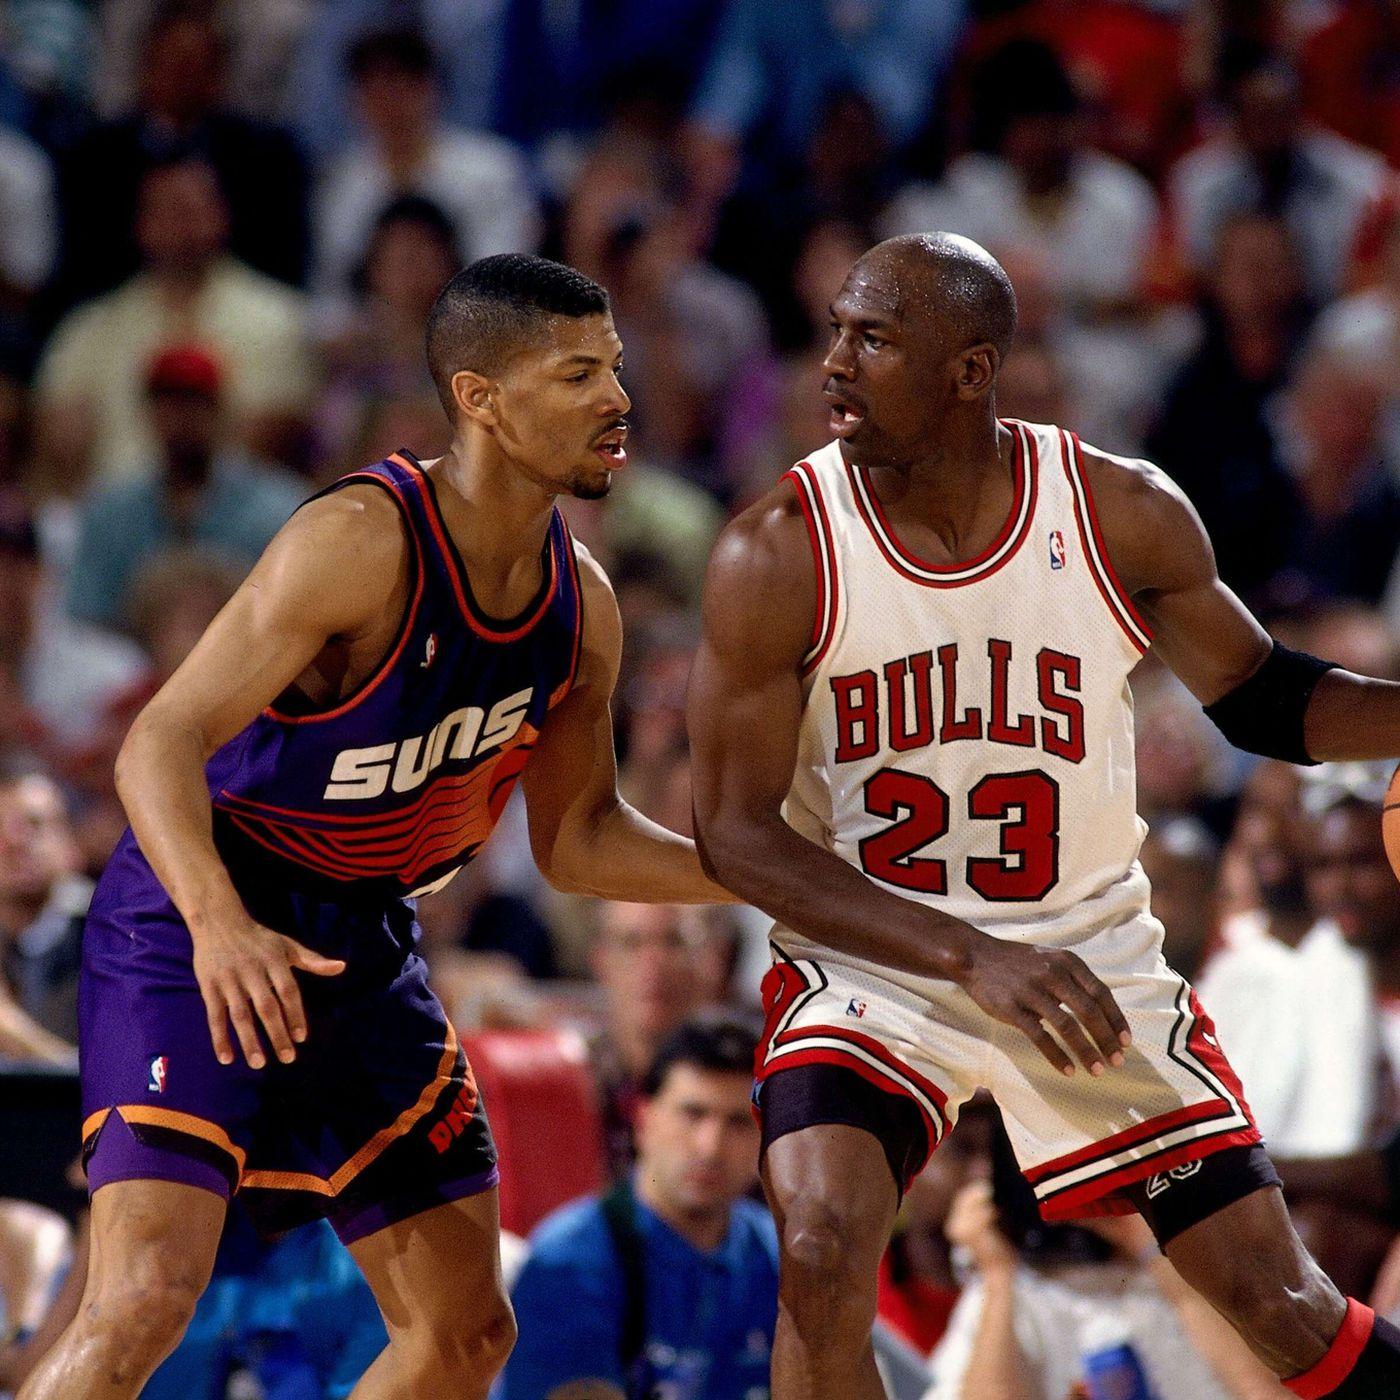 1916a8e7d54 Would Michael Jordan have starred in today s NBA  - SBNation.com